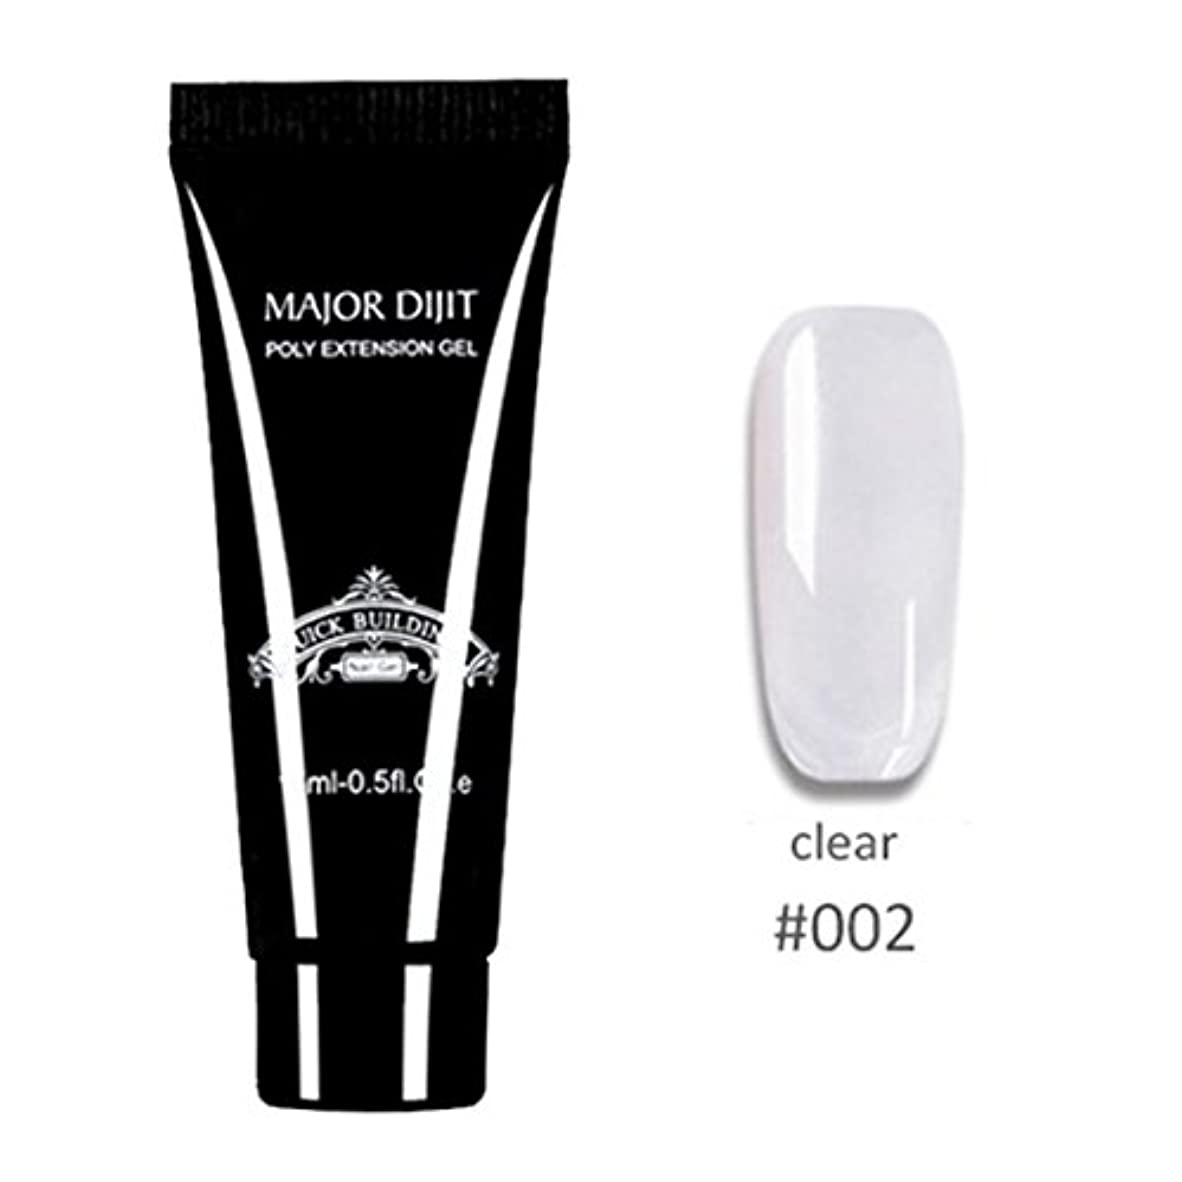 バーマド禁止するバイアスSakuraBest Major Dijit 15MLポリゲル 指の爪のクリスタルゼリー持続的な接着剤 (B)